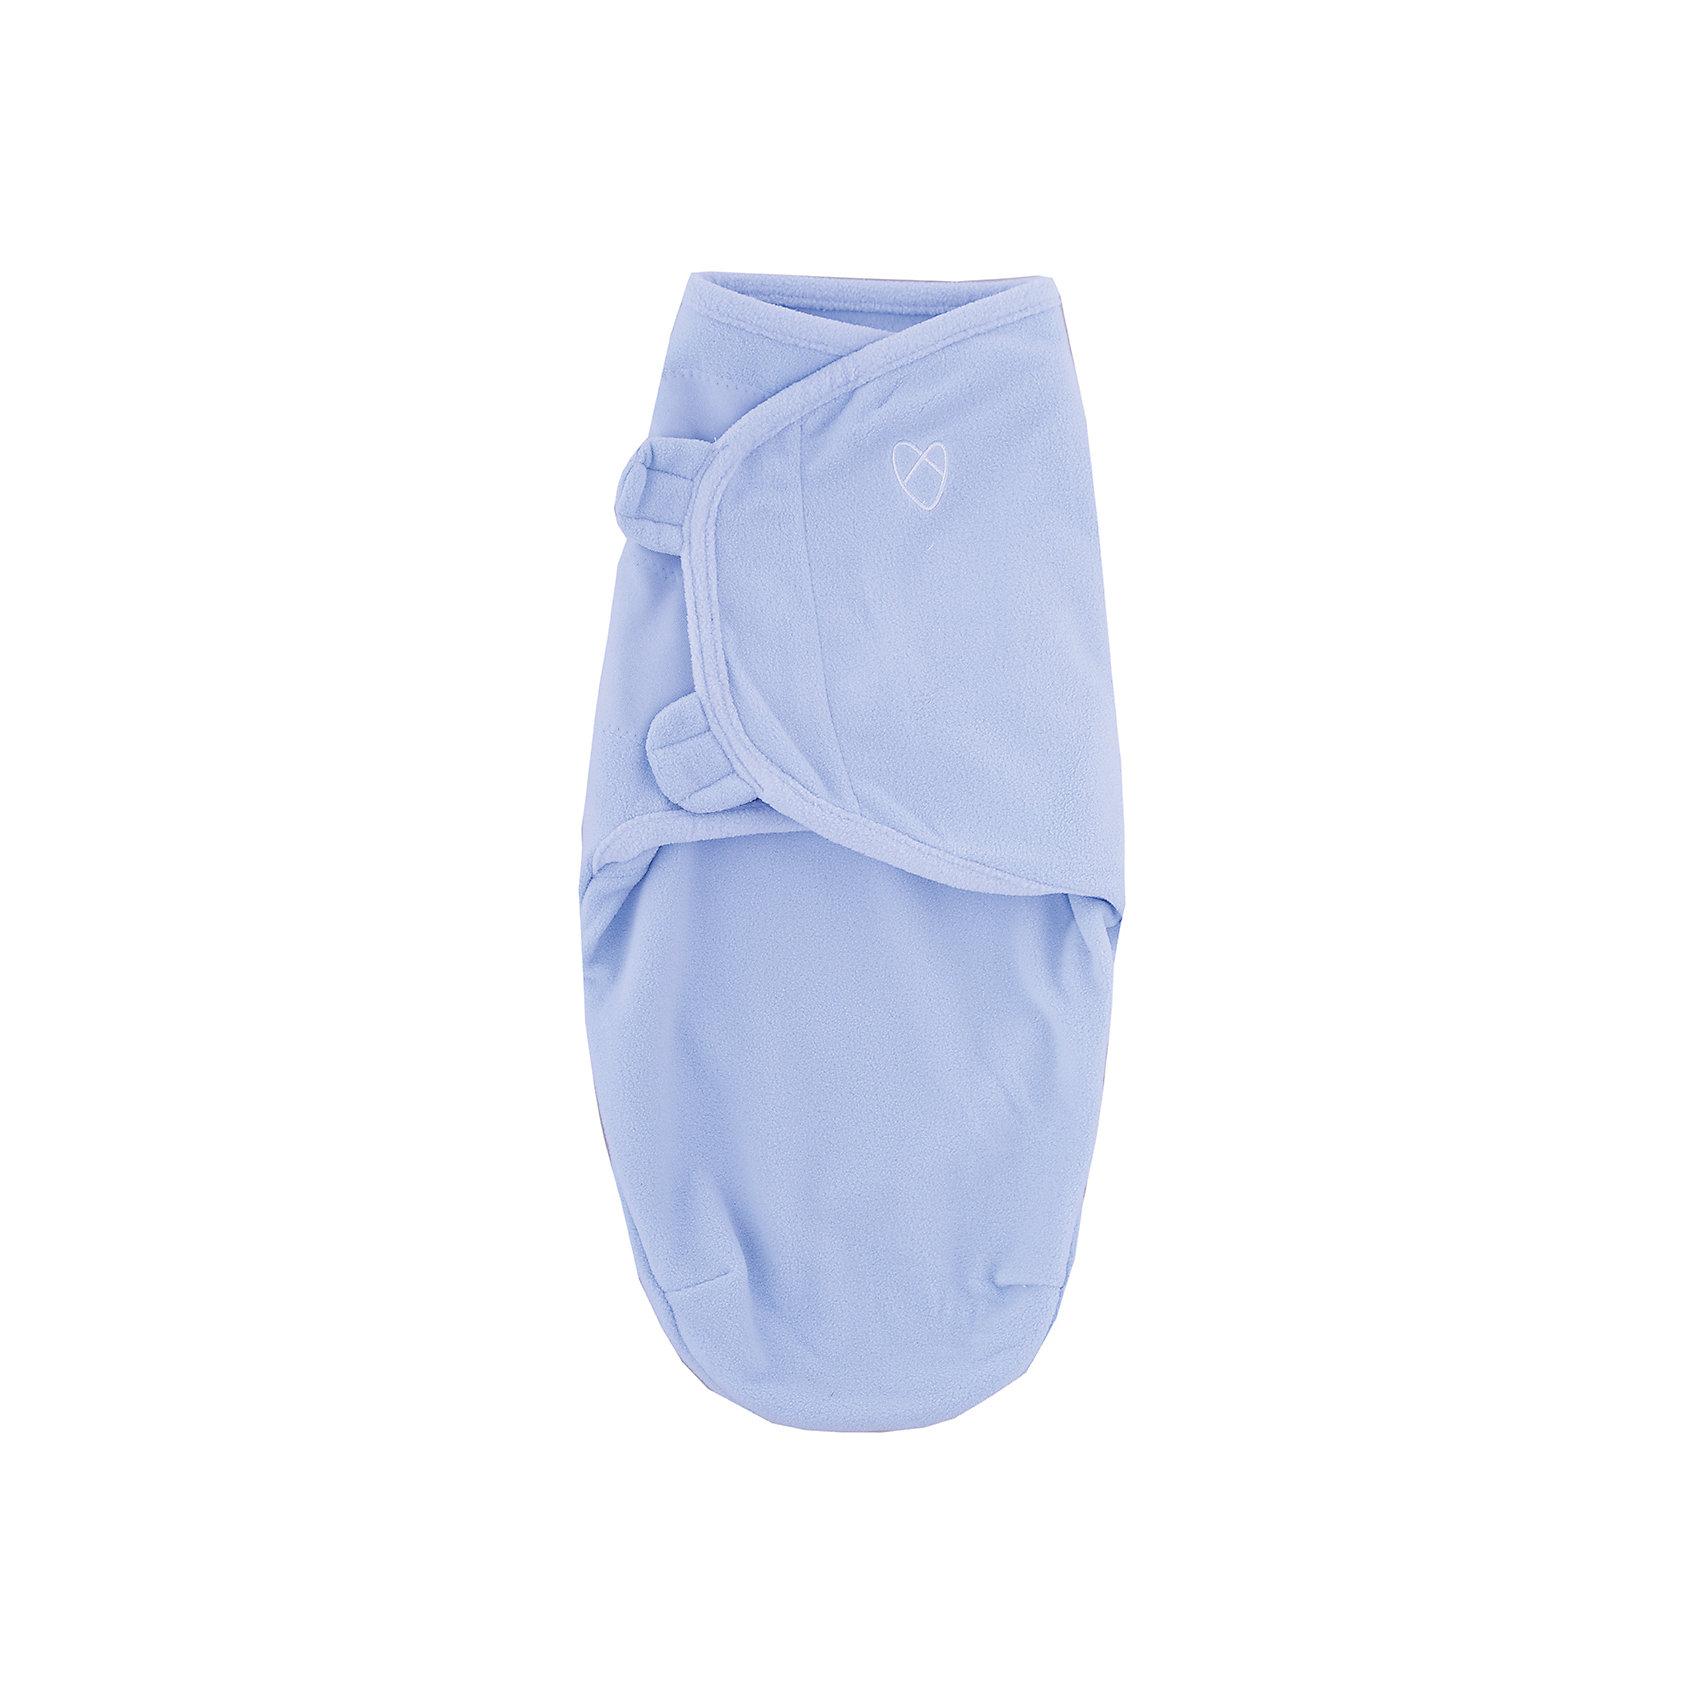 Конверт утепленный SwaddleMe Microfleece, размер S/M, Summer Infant, голубойПеленание<br>Характеристики конверта Swaddleme: <br><br>• конверт-мешок для детей первого года жизни;<br>• не сковывает движения ребенка;<br>• снижает рефлекс вздрагивания;<br>• конверт оснащен крыльями, малыш не сможет «освободиться» во время движений ручками;<br>• объятия крыльев регулируются по мере роста ребенка;<br>• тип застежки: липучки;<br>• отверстие в области ног ребенка для смены подгузника;<br>• размер конверта: S/M;<br>• длина конверта: 55 см;<br>• рост ребенка: 56-62 см;<br>• вес ребенка: 3-6 кг;<br>• возраст ребенка: от рождения до 3-х месяцев;<br>• состав ткани: 100% хлопок.<br><br>Конверт-мешок на липучке позволяет деткам первого года жизни вести себя спокойнее во сне, снижает рефлекс вздрагивания, при этом конверт не сковывает движений ребенка. Ручки обтянуты мягкими эластичными «крыльями» конверта, а ножками ребенок может легко теребить. Регулируемые объятия крыльев дают возможность подгонять размер конверта в зависимости от его роста и веса. Отверстие конверта в области ножек малыша дает возможность контролировать наполненность подгузника, чтобы осуществить своевременную его замену. <br><br>Размер упаковки: 23х14,5х3,5 см<br>Вес: 100 г<br><br>Конверт утепленный SwaddleMe Microfleece, размер S/M, Summer Infant, голубой можно купить в нашем интернет-магазине.<br><br>Ширина мм: 145<br>Глубина мм: 230<br>Высота мм: 35<br>Вес г: 100<br>Возраст от месяцев: 0<br>Возраст до месяцев: 3<br>Пол: Мужской<br>Возраст: Детский<br>SKU: 5508016